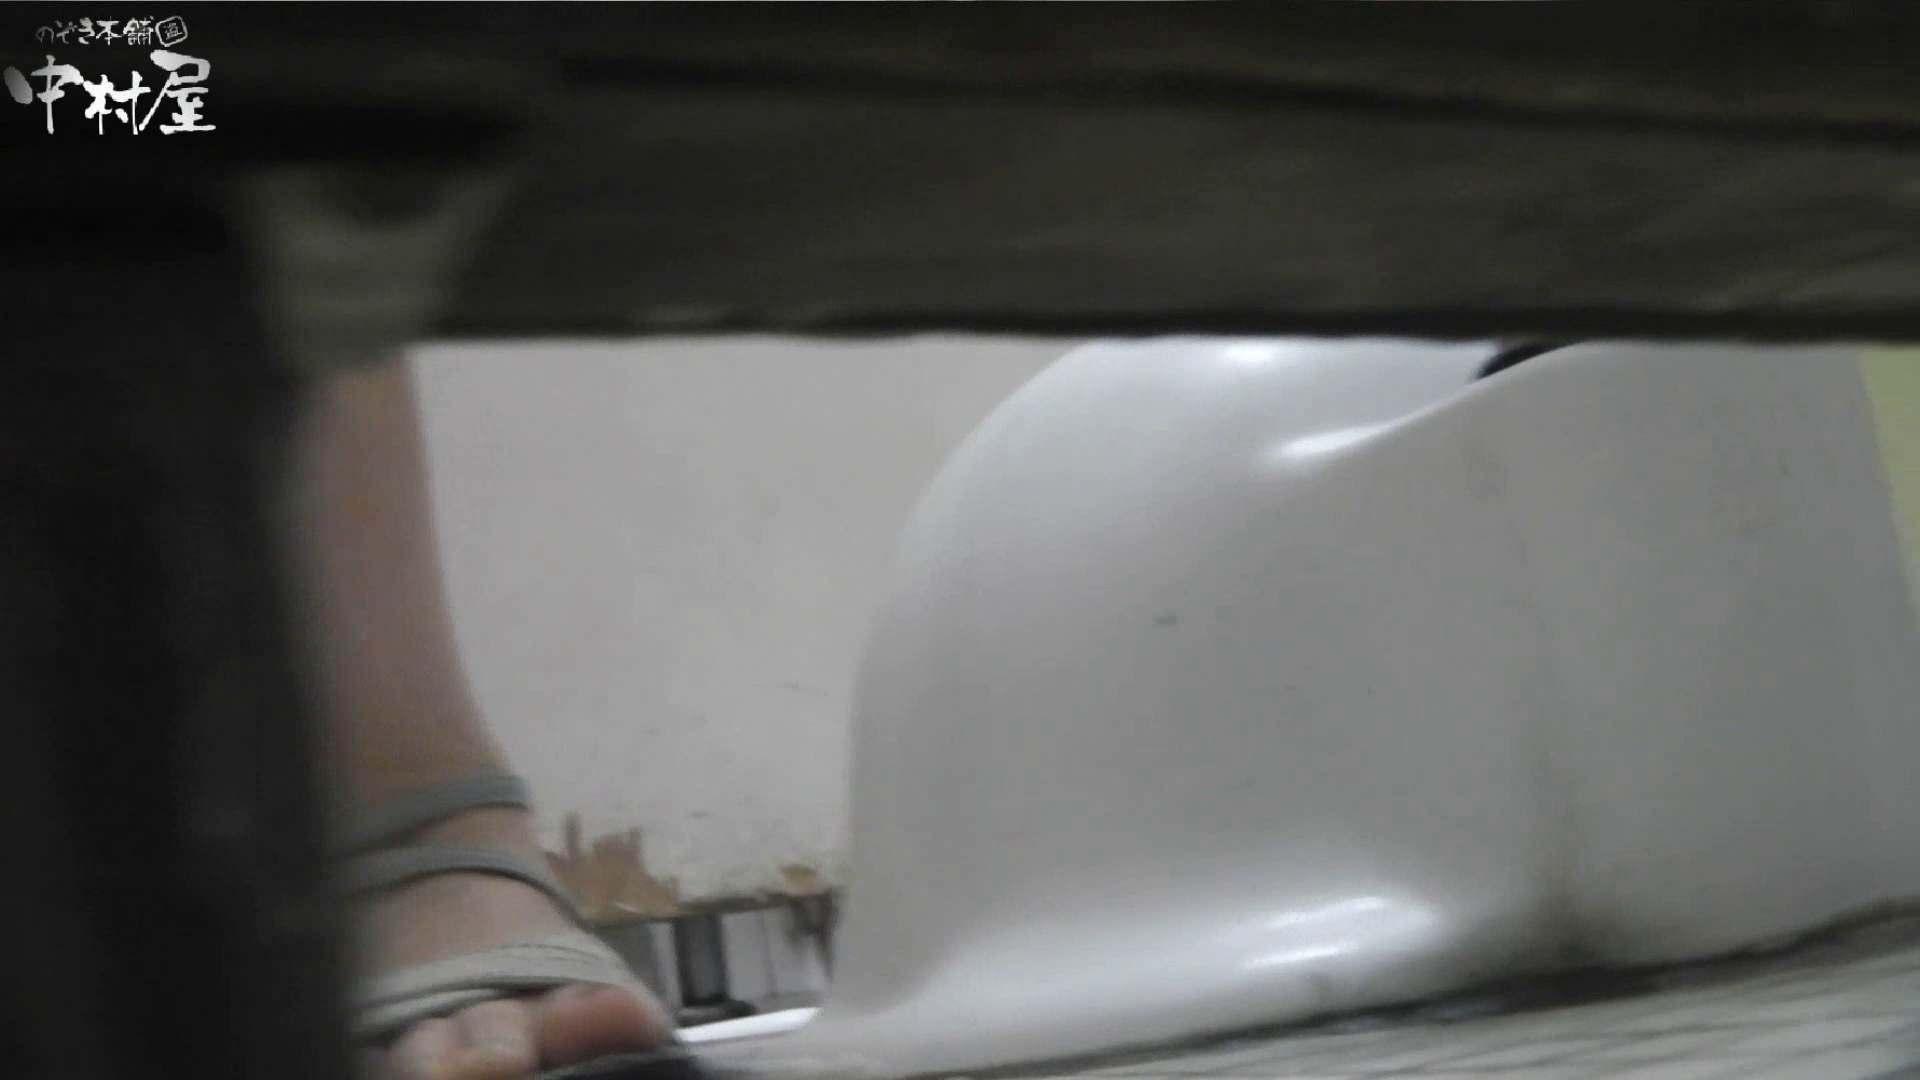 vol.45 命がけ潜伏洗面所! おしゃれおねぃさん、もよおすの巻 OLエロ画像 盗撮アダルト動画キャプチャ 42PICs 38